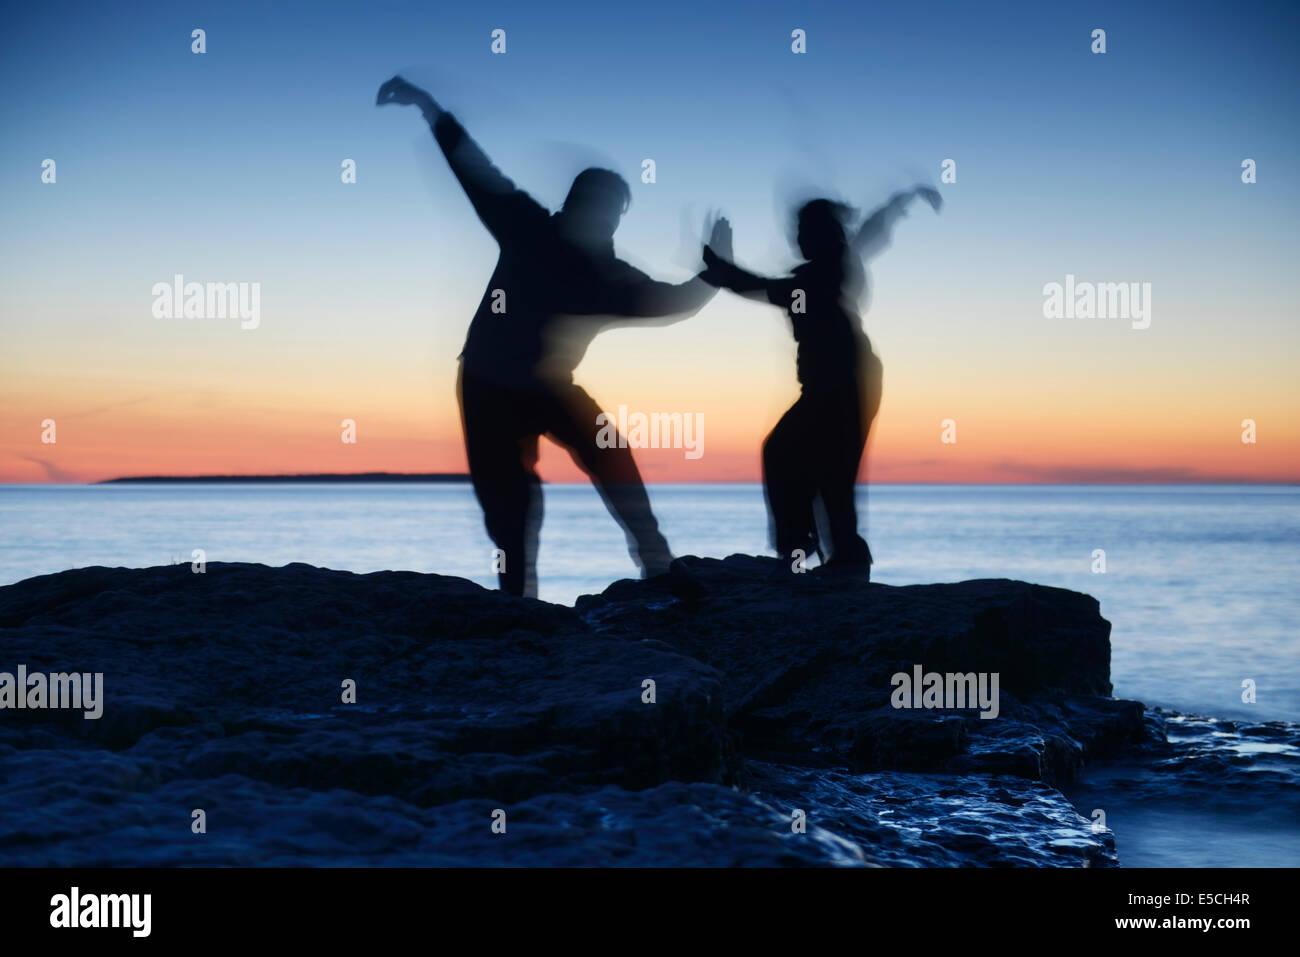 Verschwommen zwei Silhouetten von Menschen, die Kampfkünste in der Abenddämmerung in der Natur über Stockbild